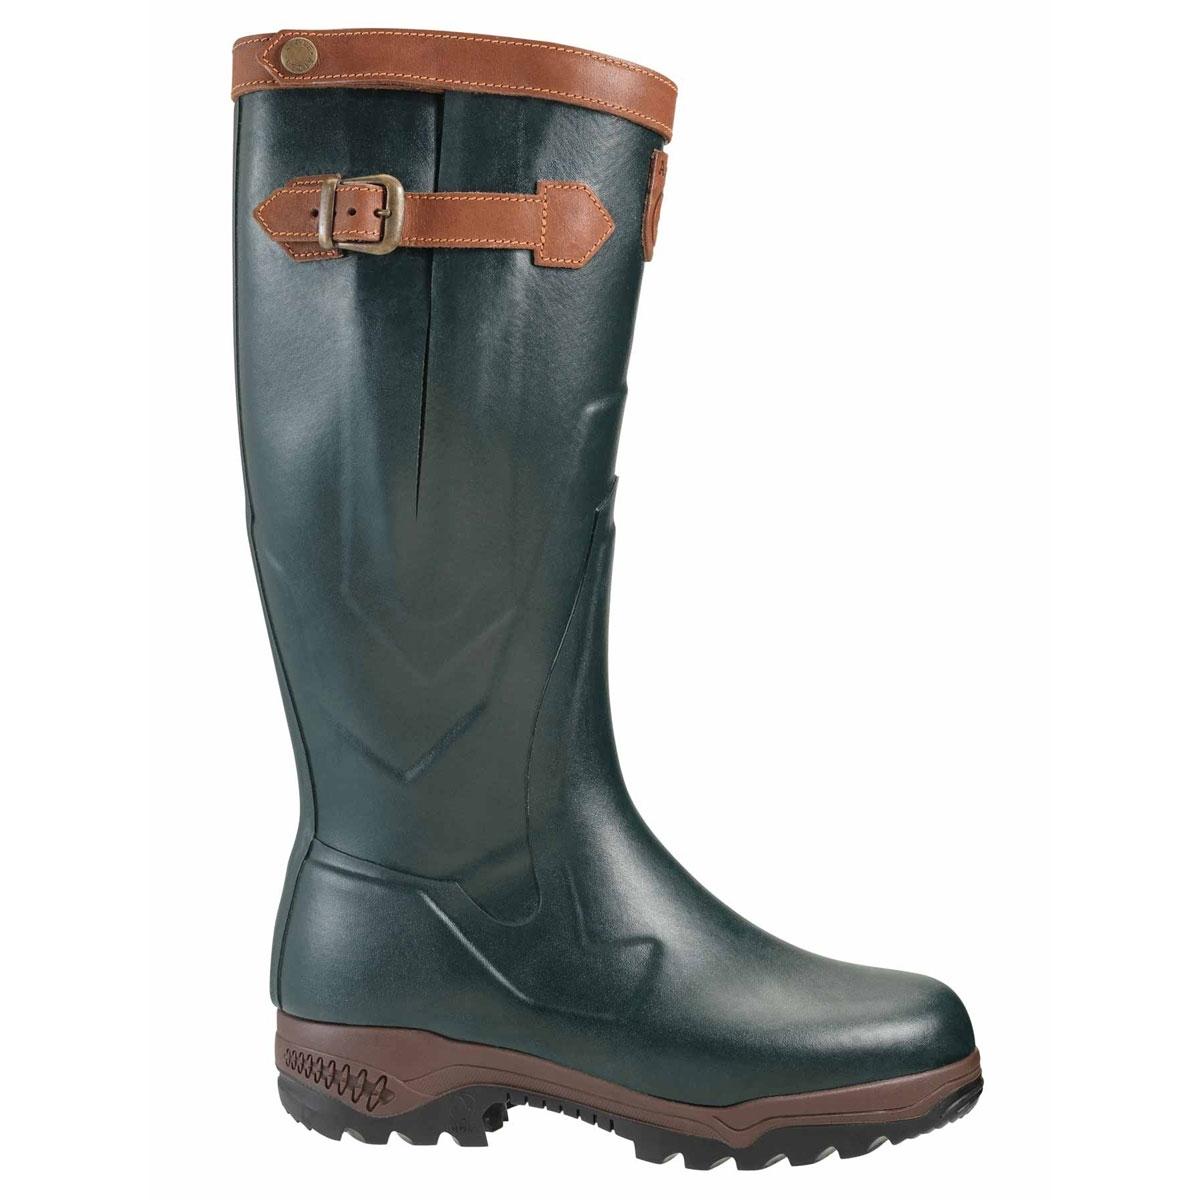 aigle parcours 2 trophee wellington boots unisex bronze. Black Bedroom Furniture Sets. Home Design Ideas